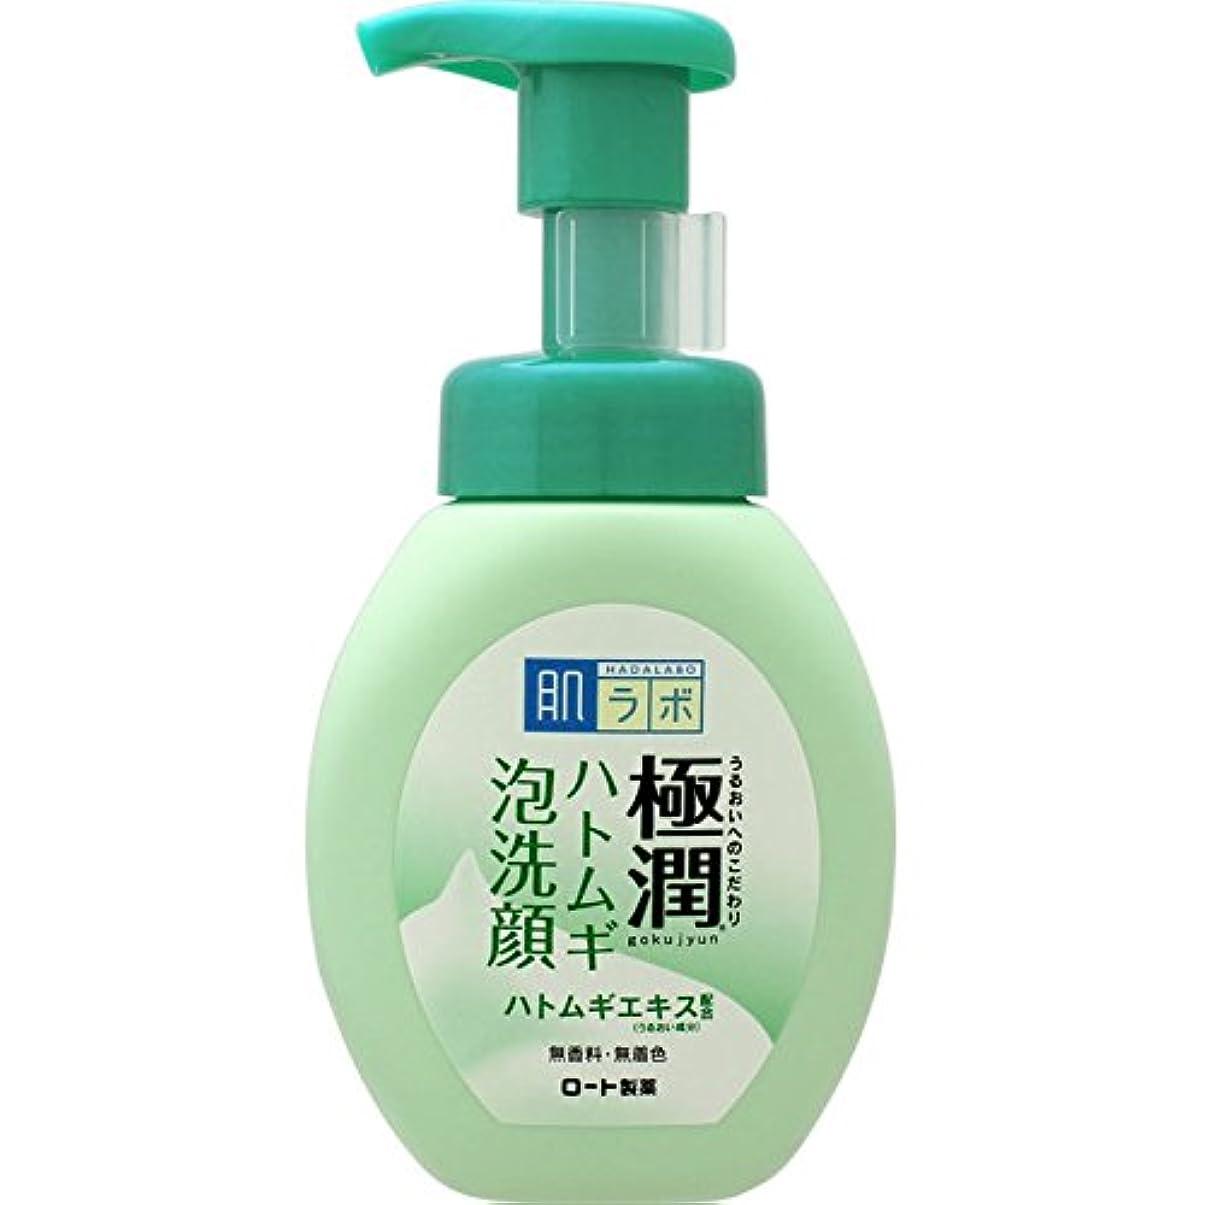 扱うと闘う祝福肌ラボ 極潤 毛穴洗浄 大人ニキビ予防 ハトムギ泡洗顔 160mL